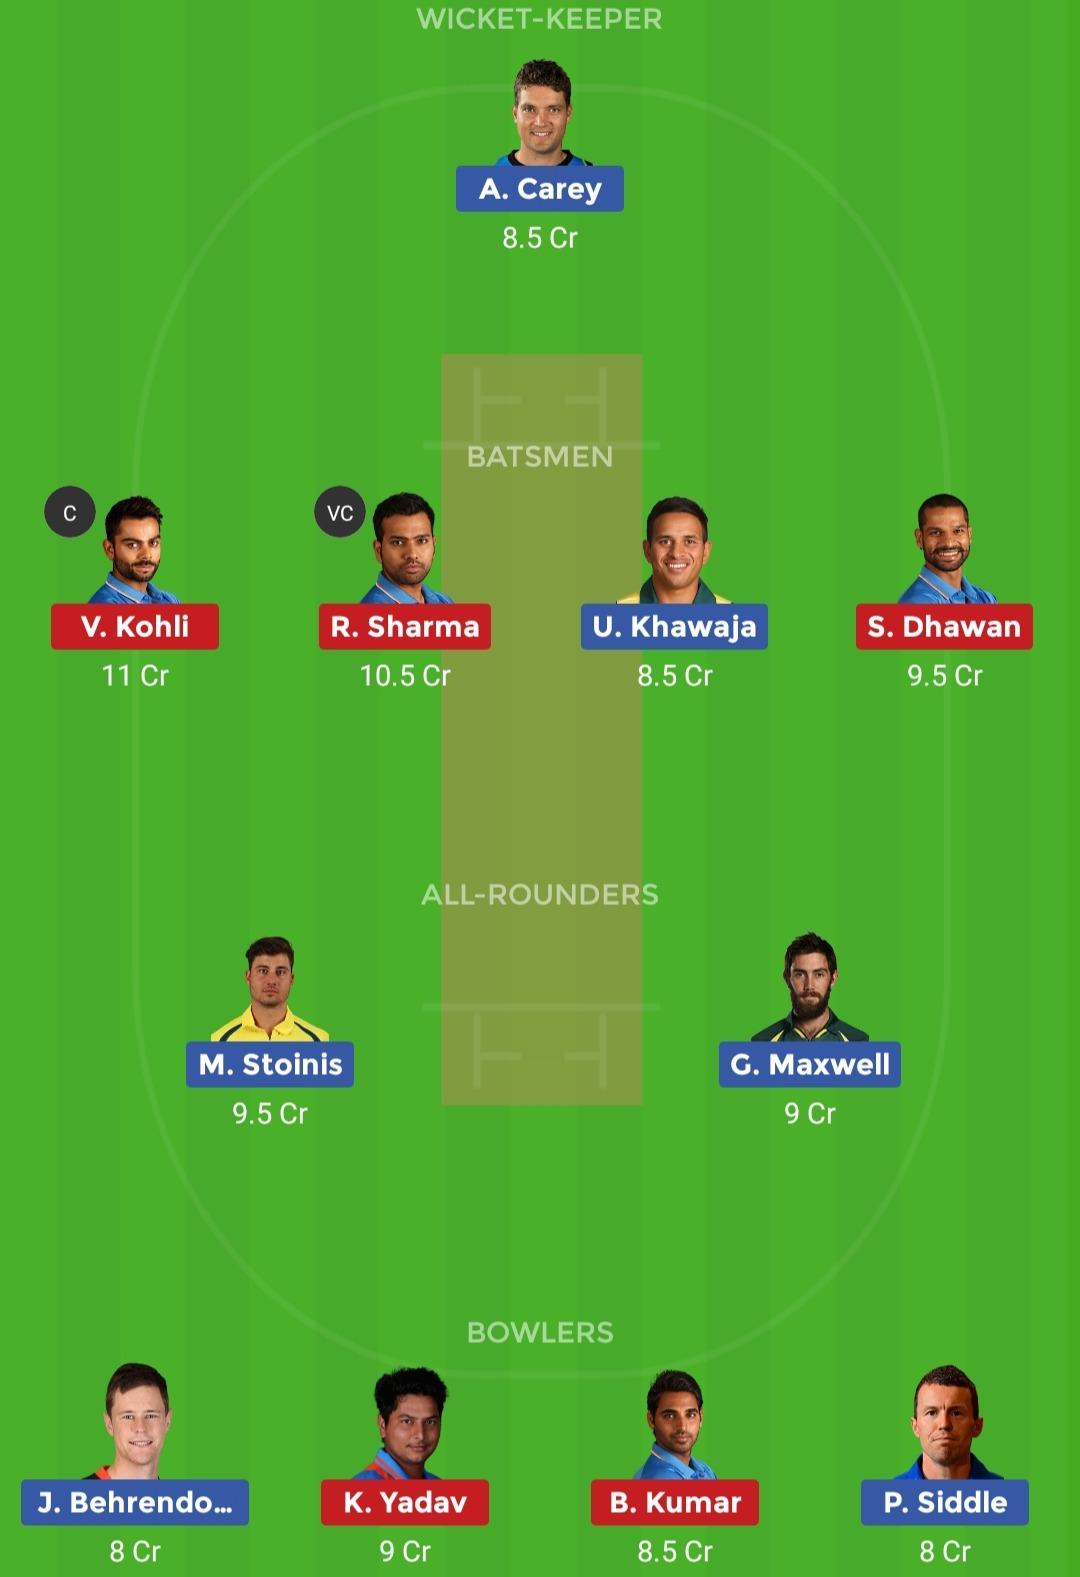 AUS vs IND Dream11 Team